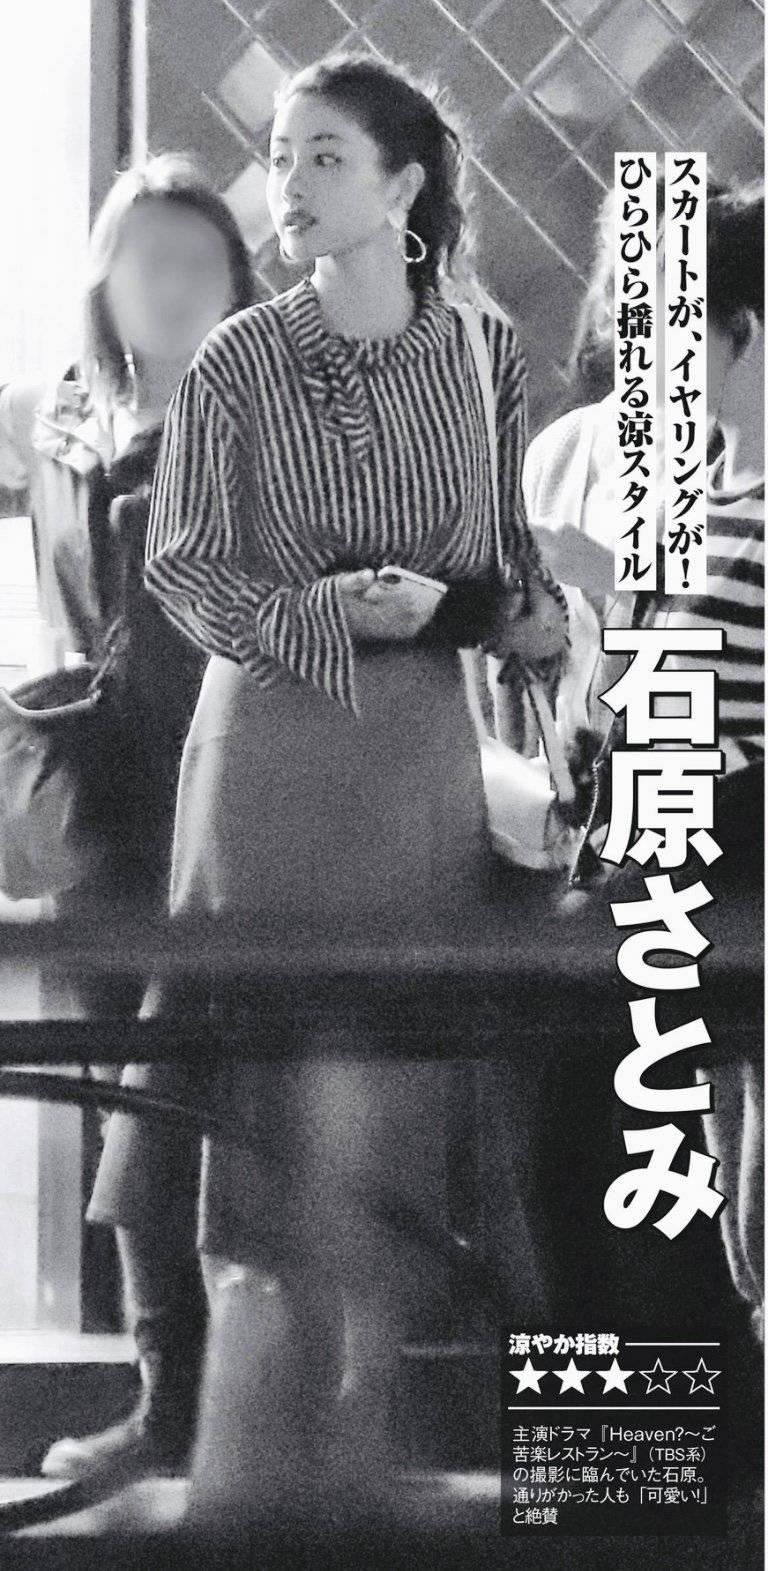 日本狗仔好良心,把长泽拍出180的效果,水原希子的身材真绝了